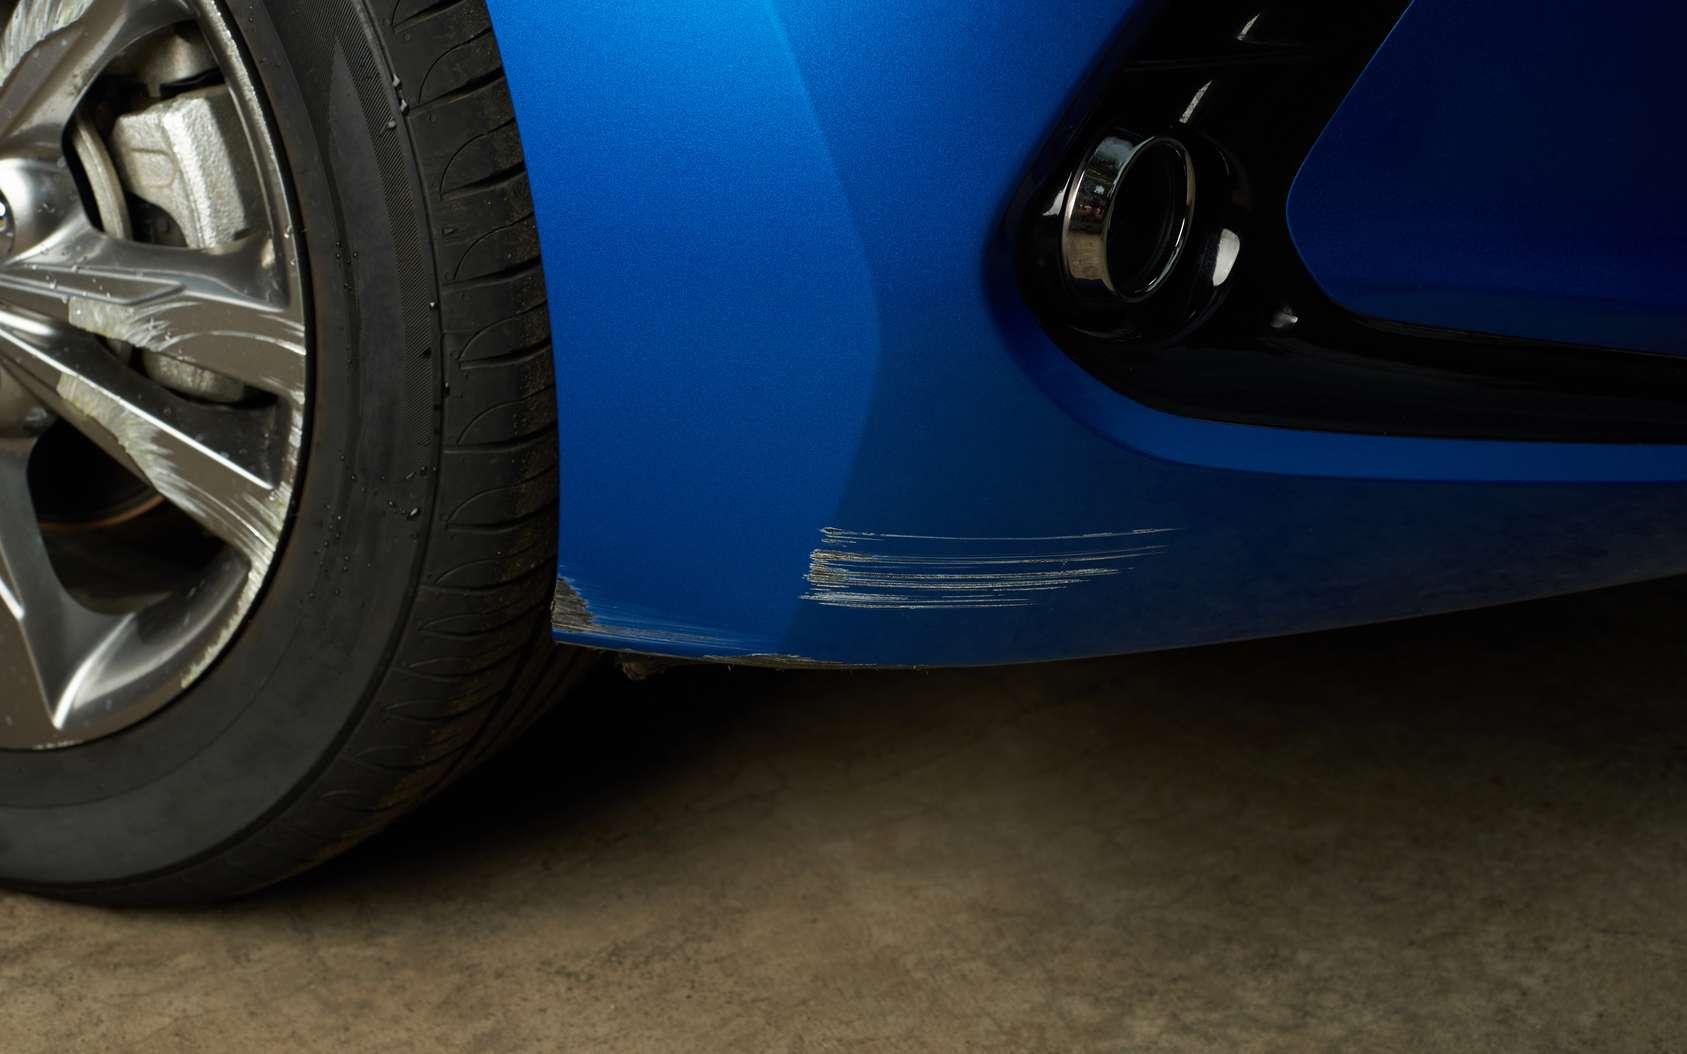 Une voiture qui sent la douleur grâce à un système nerveux, c'est possible ? Des chercheurs ont mis au point un matériau magnétostrictif qui peut détecter les dégâts causés. © PixieMe, Fotolia